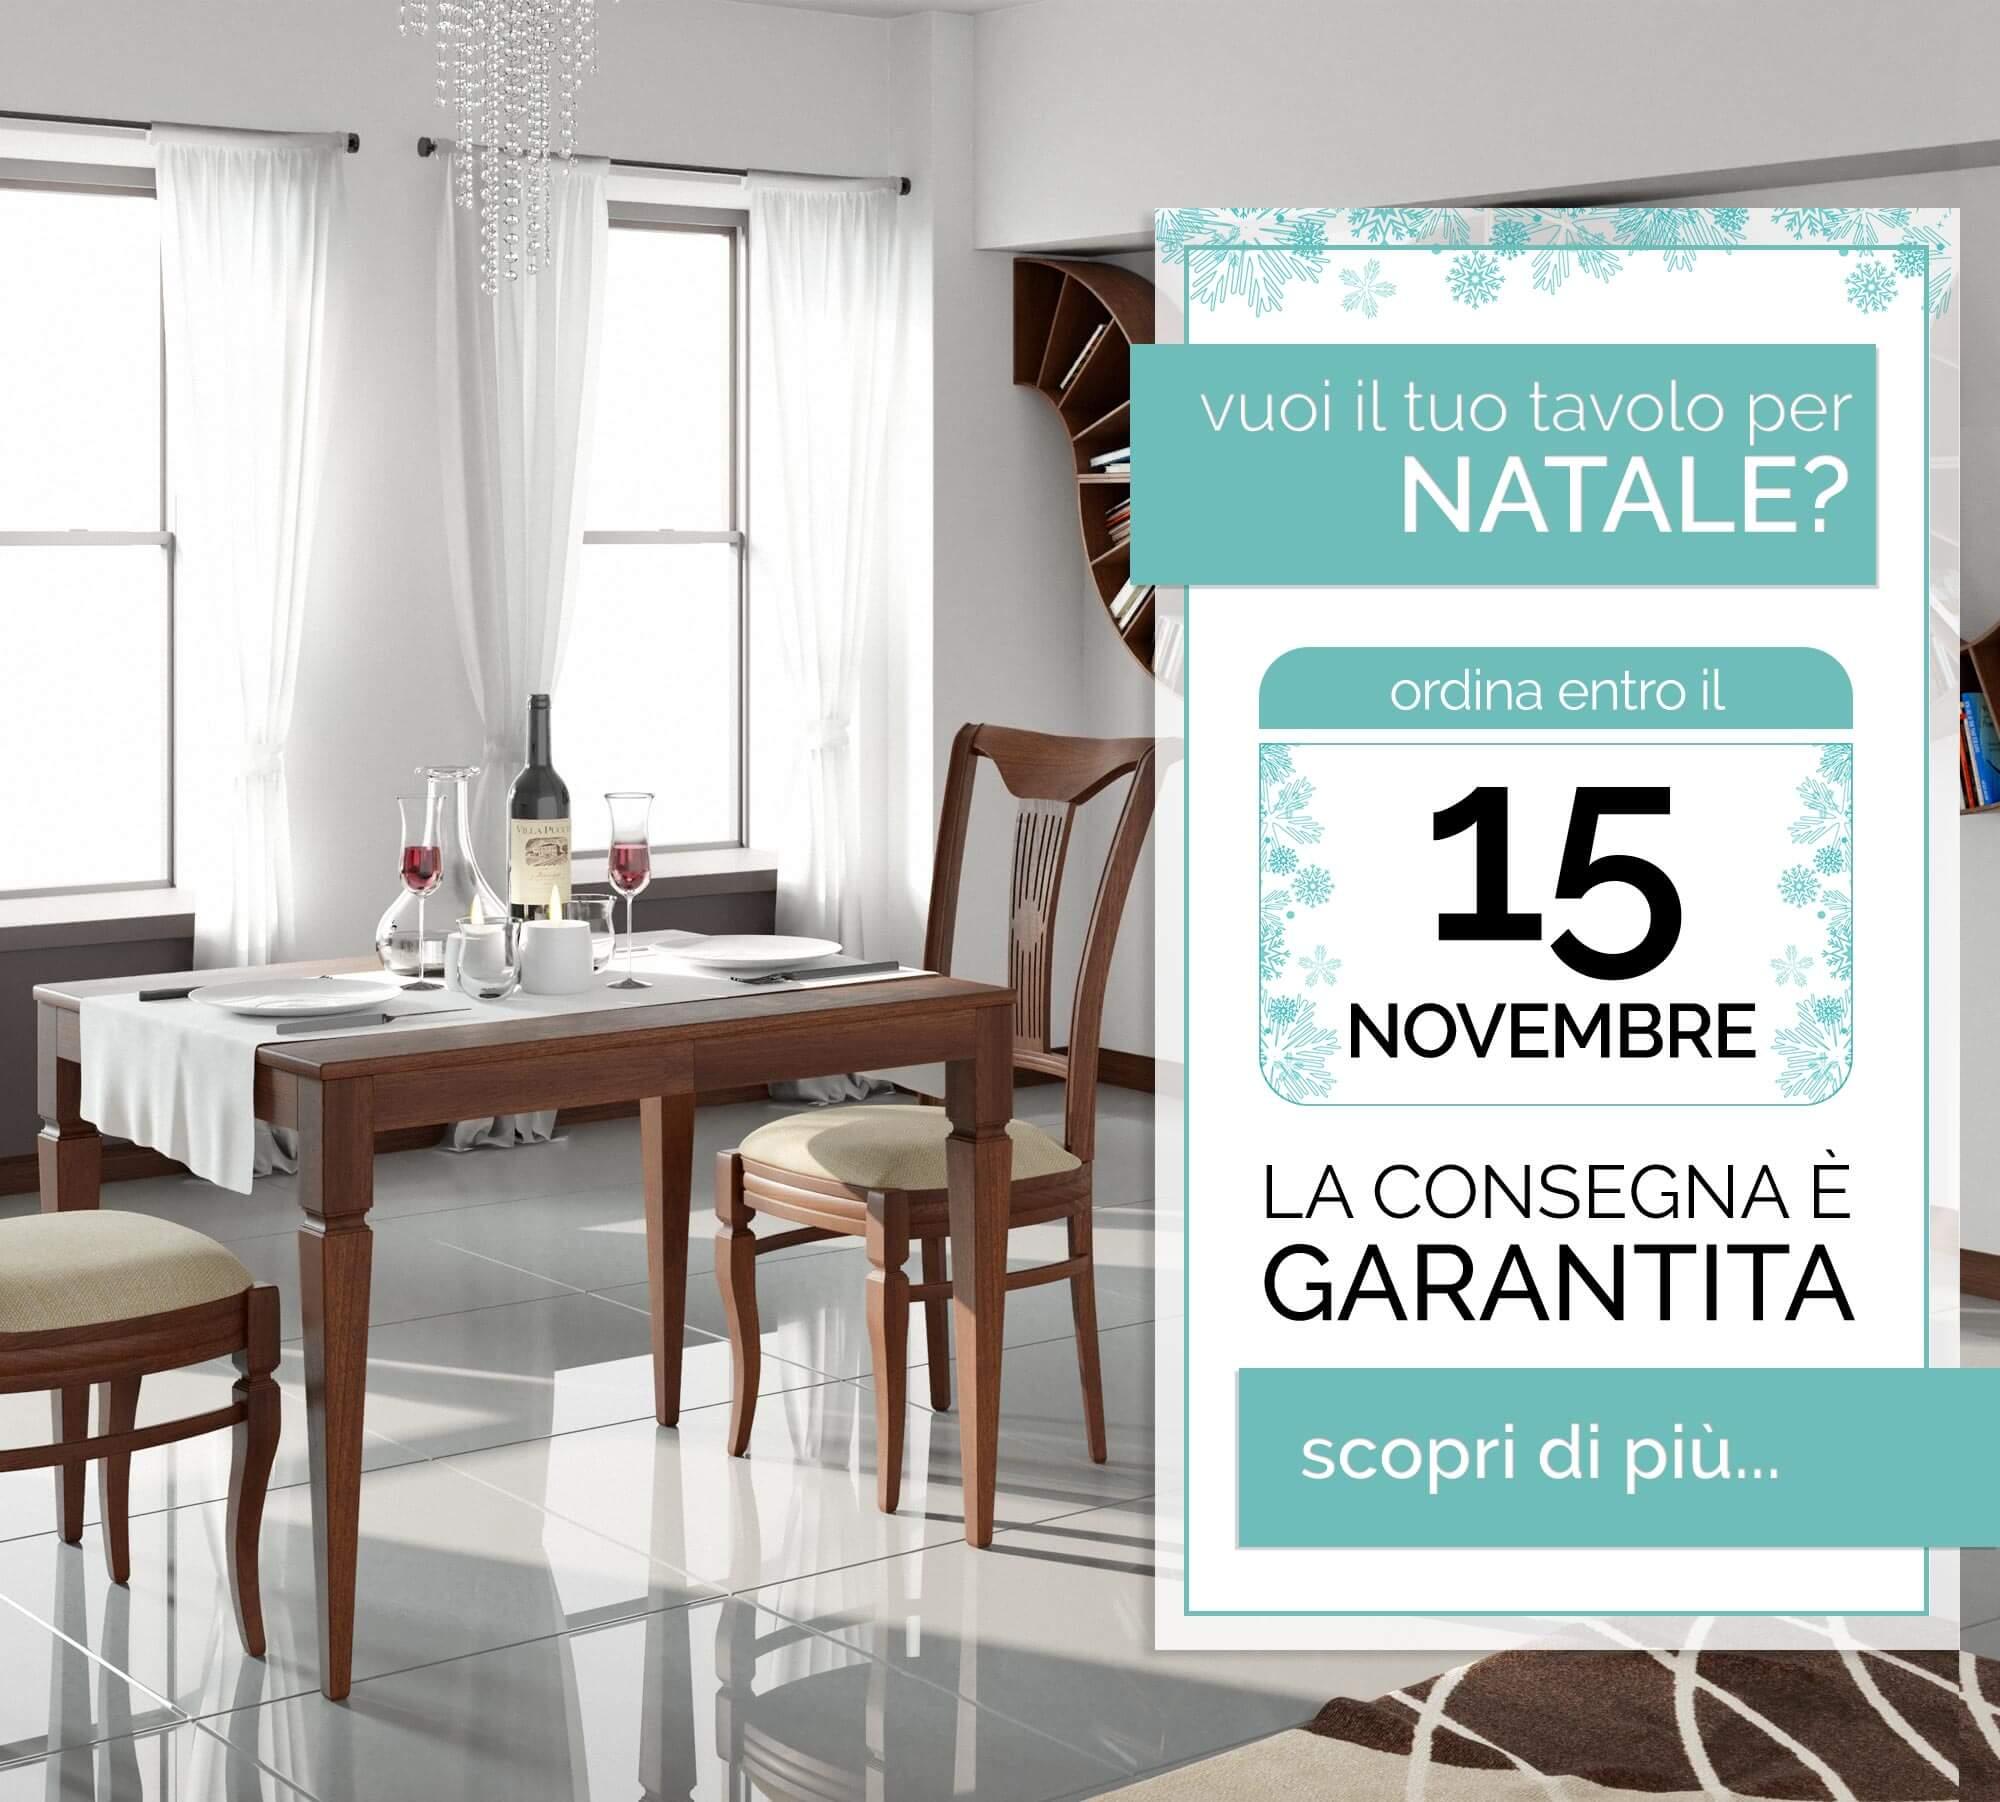 tavoli-allungabili-consegna-garantita_mobilejpg